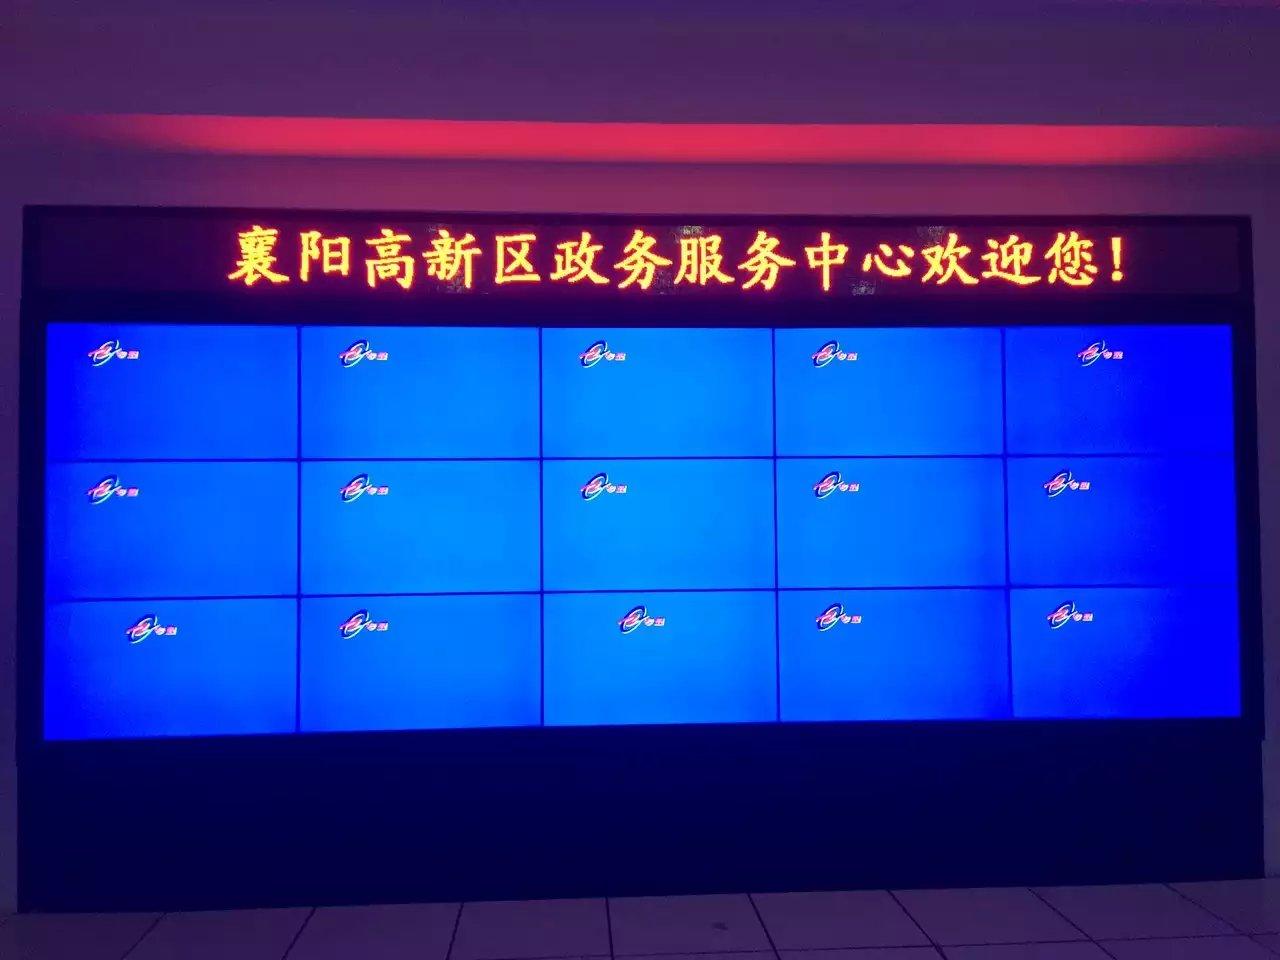 襄阳高新区政务服务中心.jpg